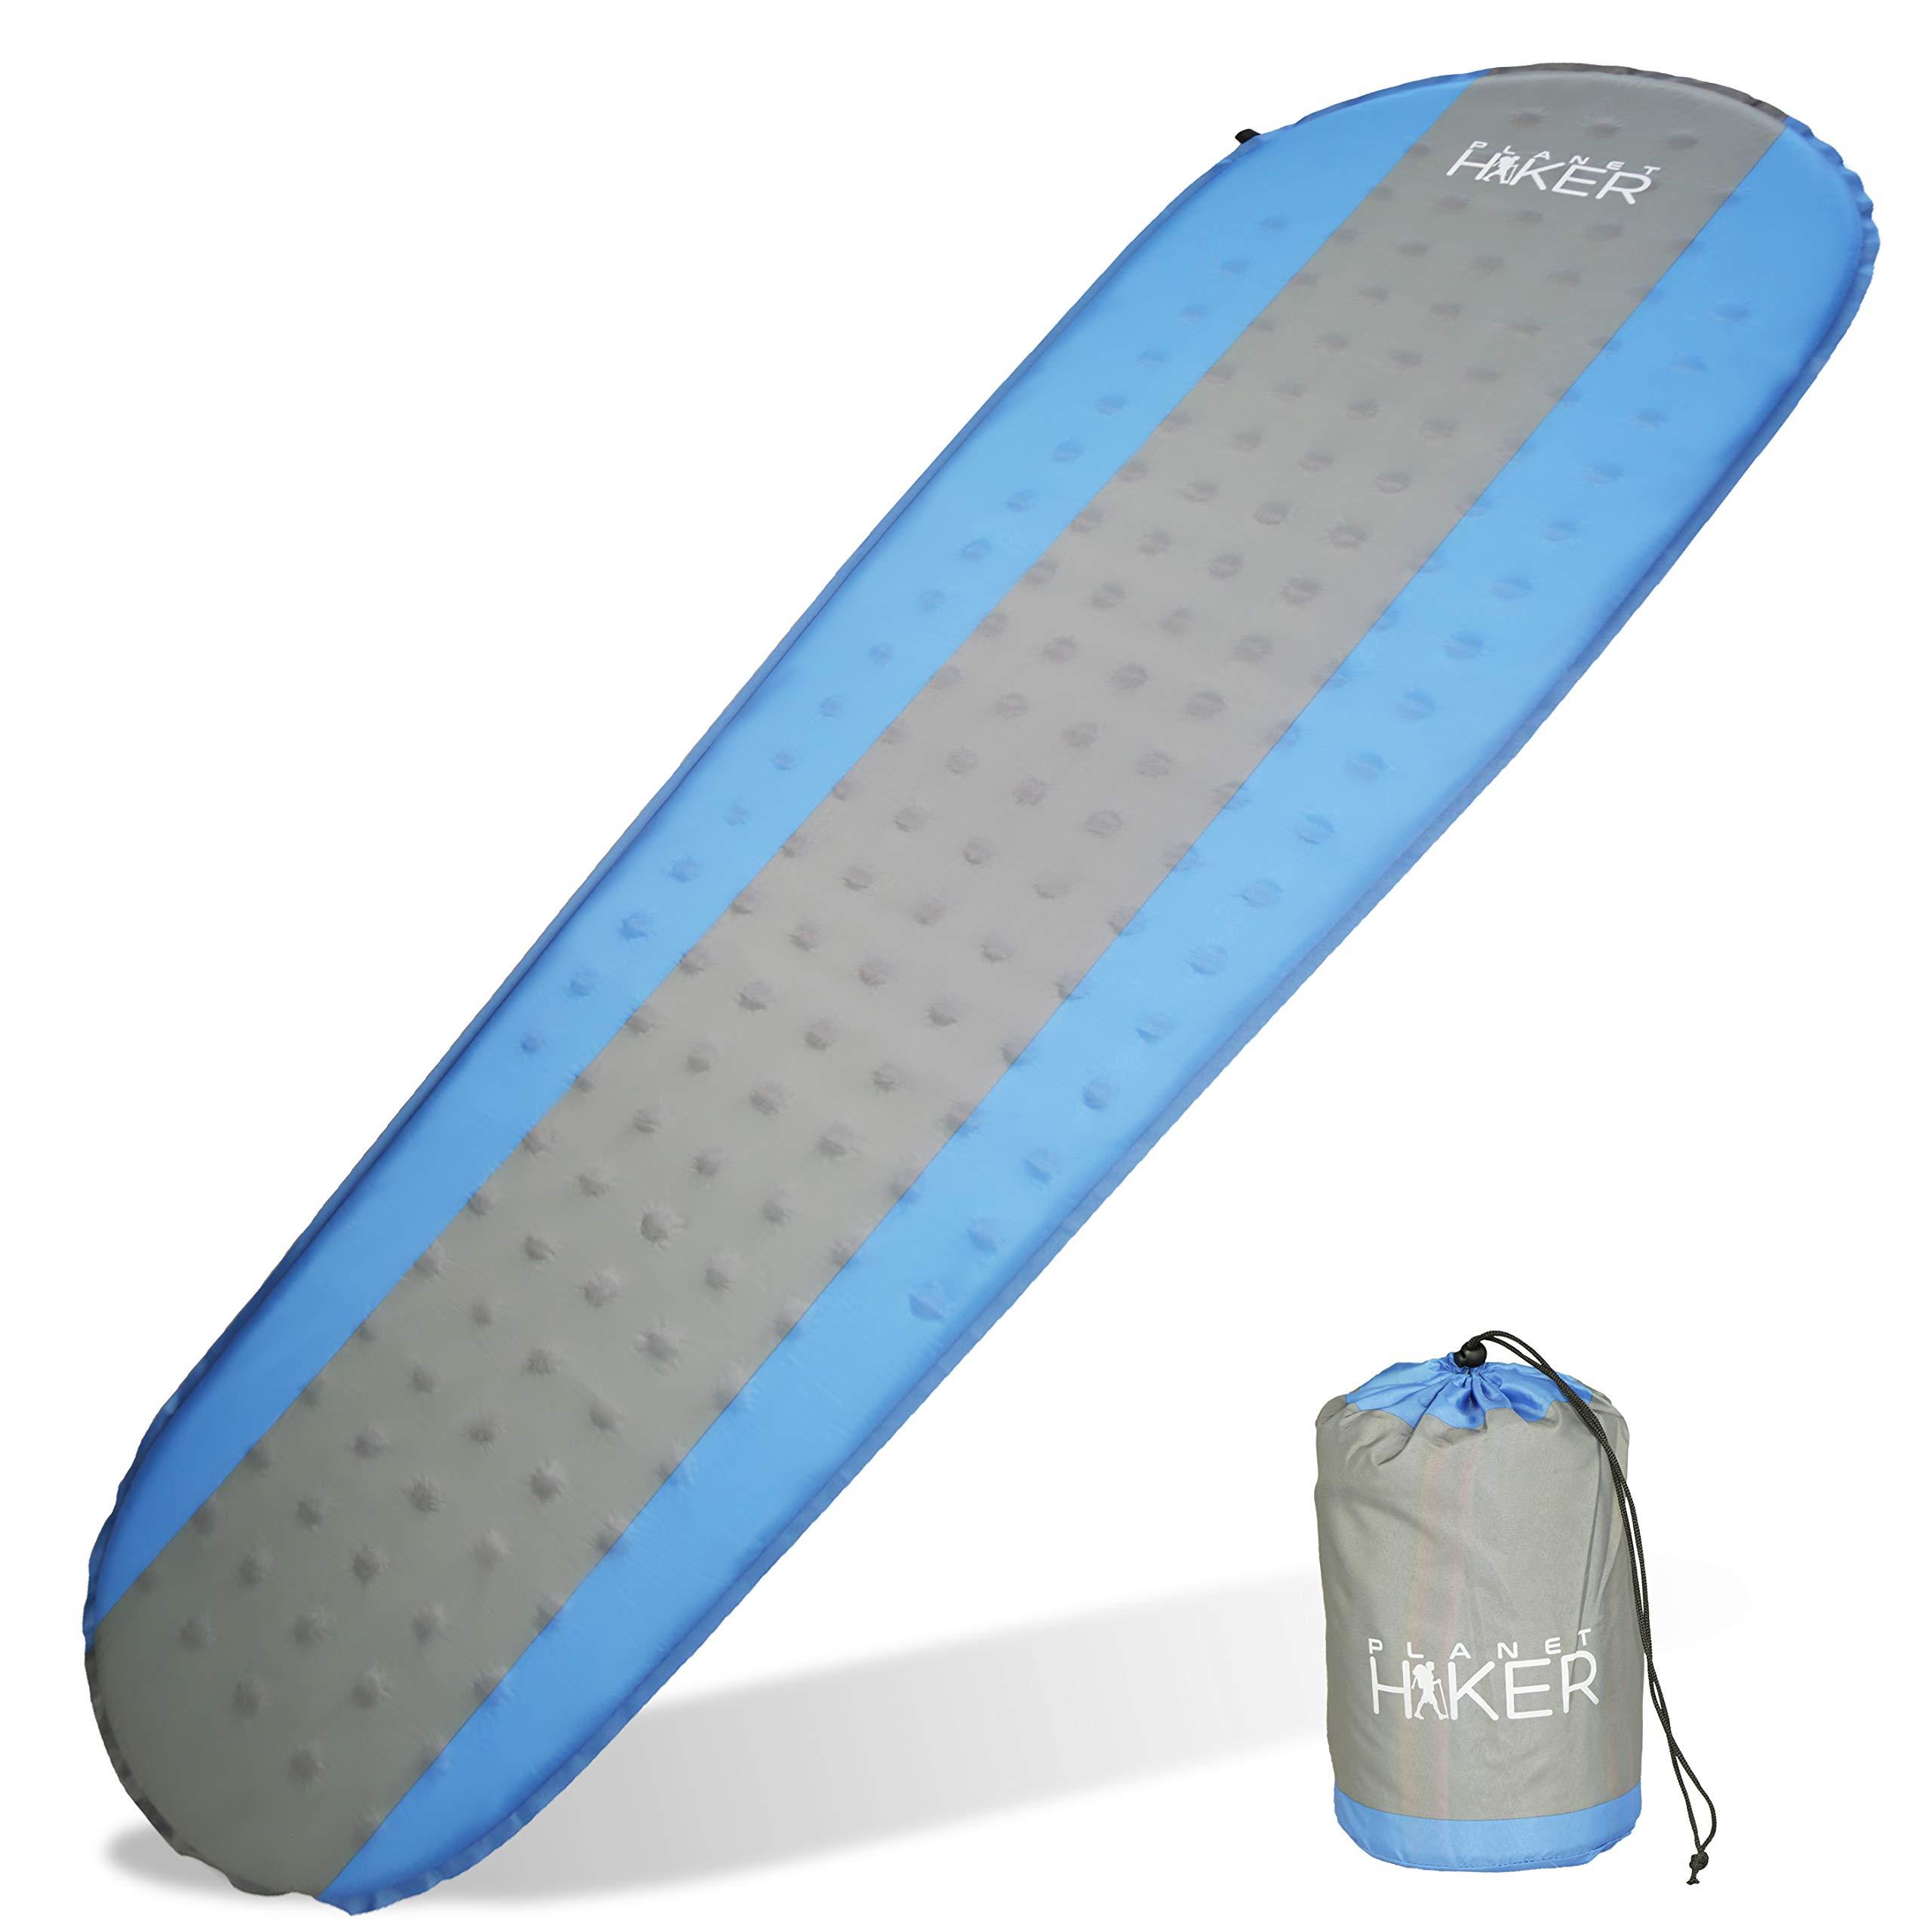 Colchón AutoHinchable de Camping Planet Hiker, Aislante Hinchable Ultraligero y Cómodo para Dormir en